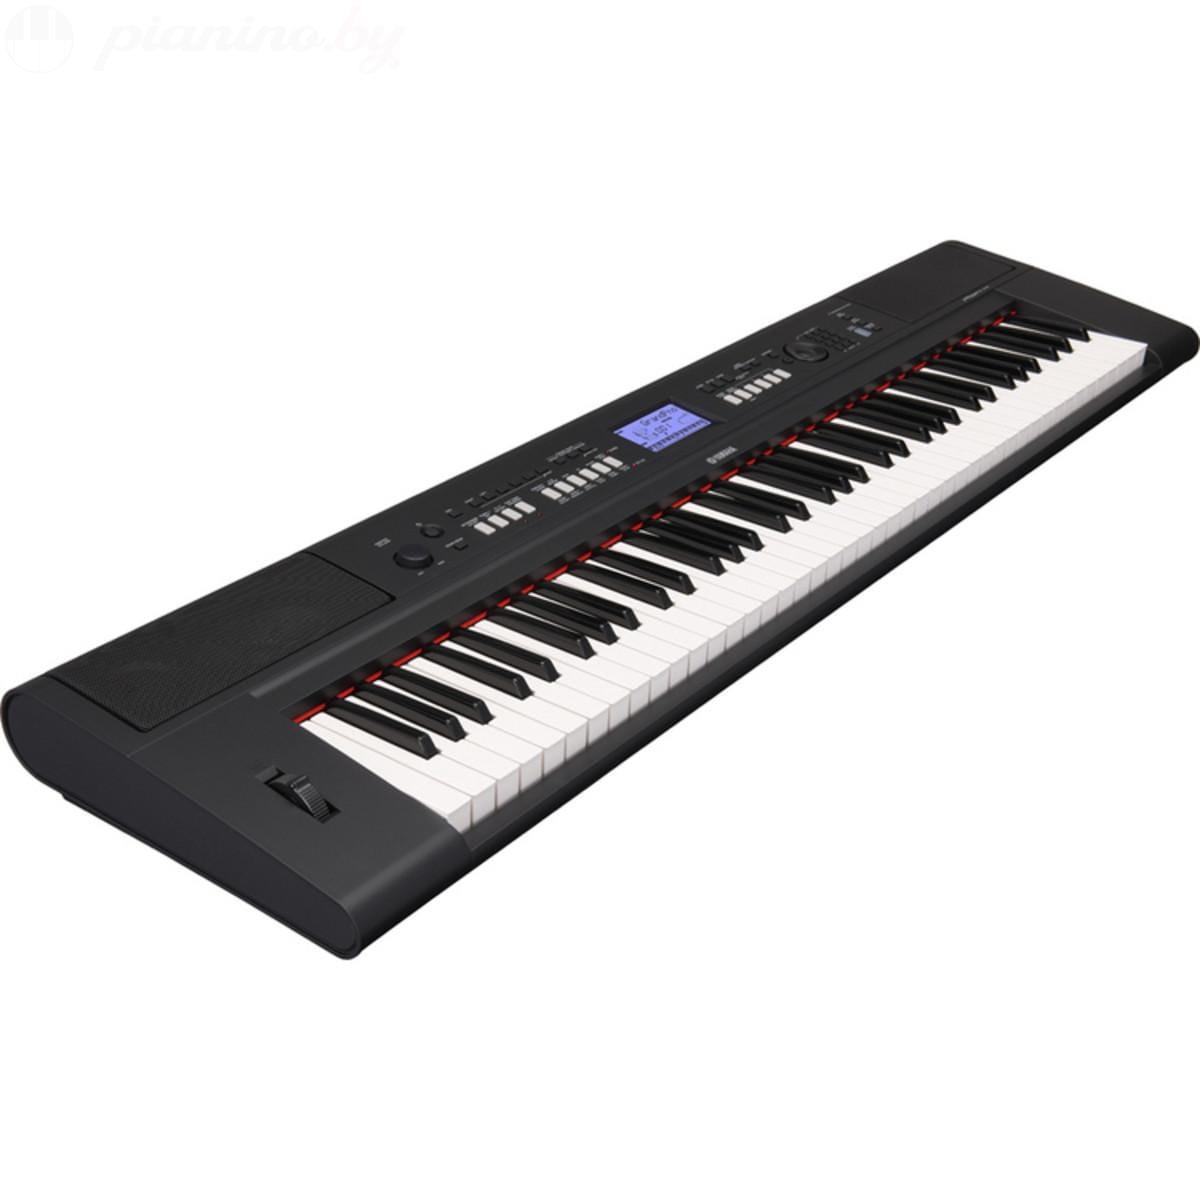 Сценическое пианино Yamaha NP-V60 Фото 2